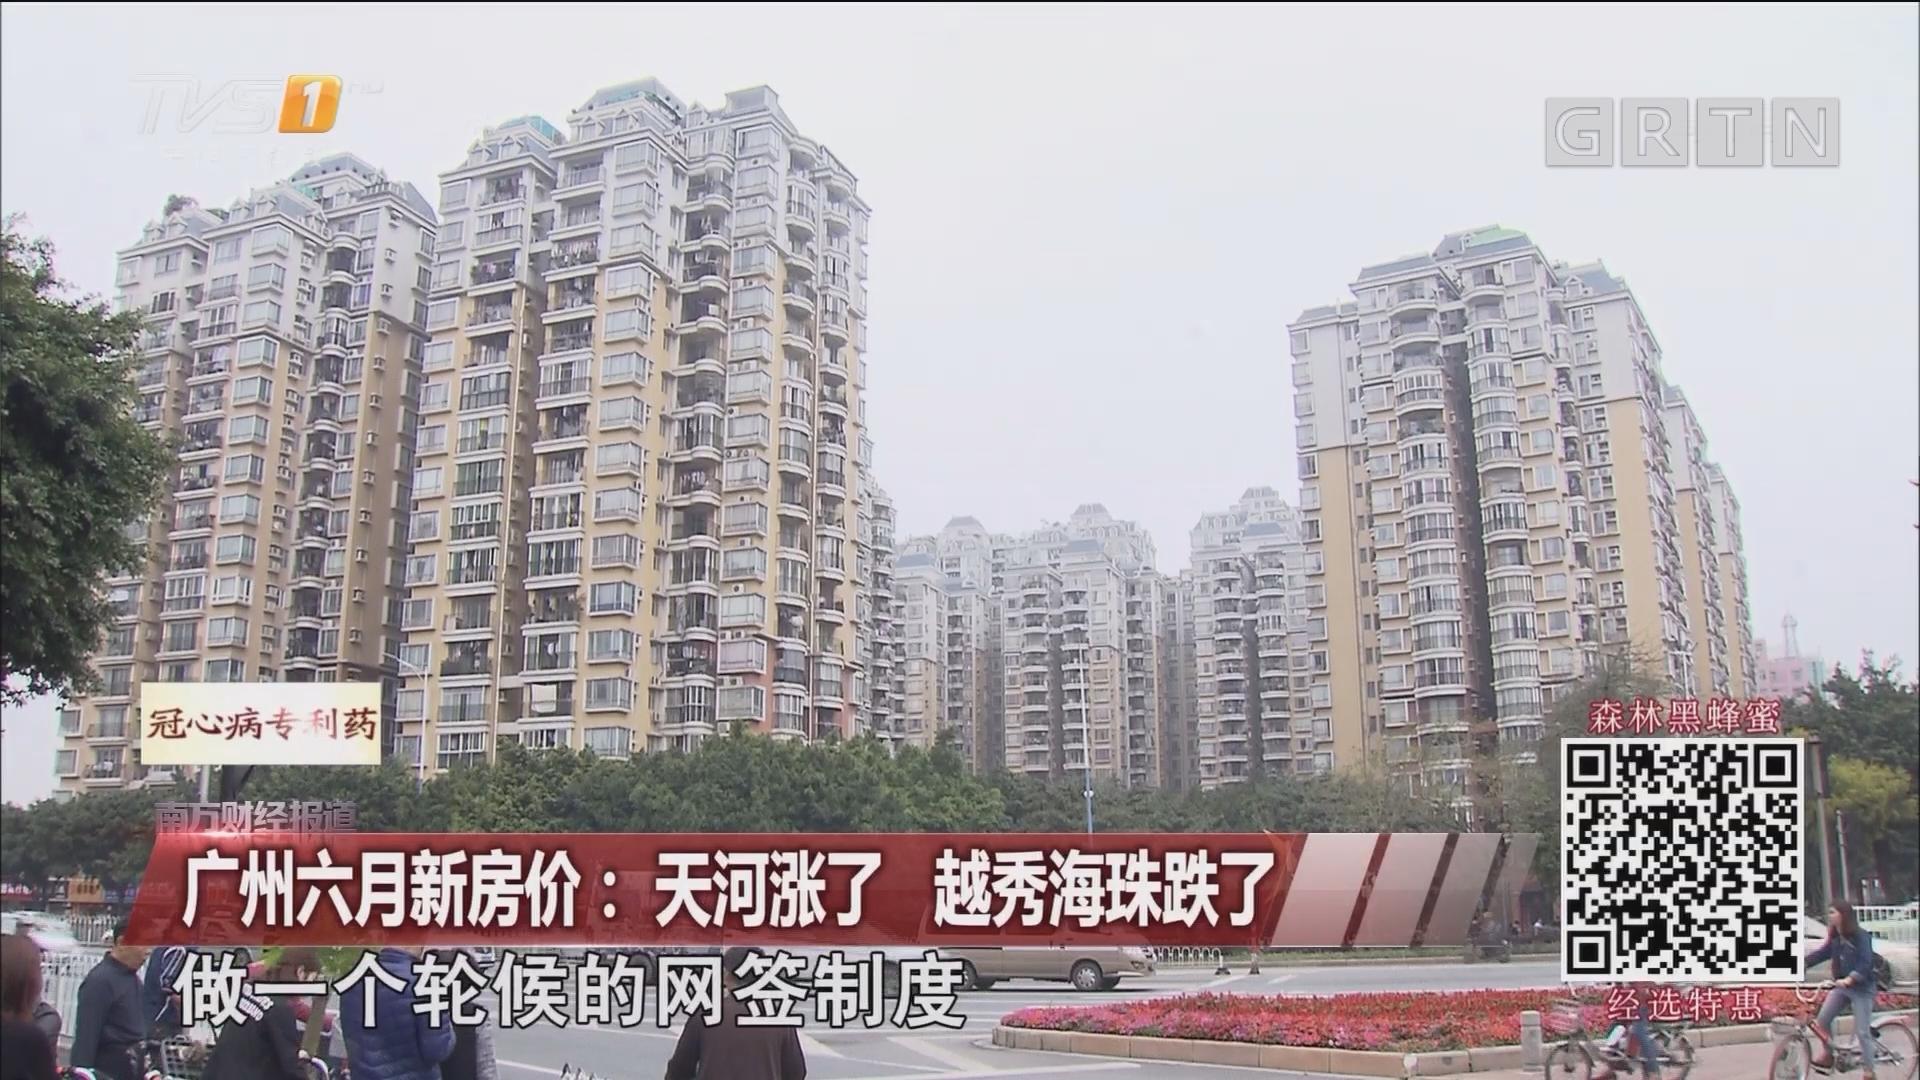 广州六月新房价:天河涨了 越秀海珠跌了